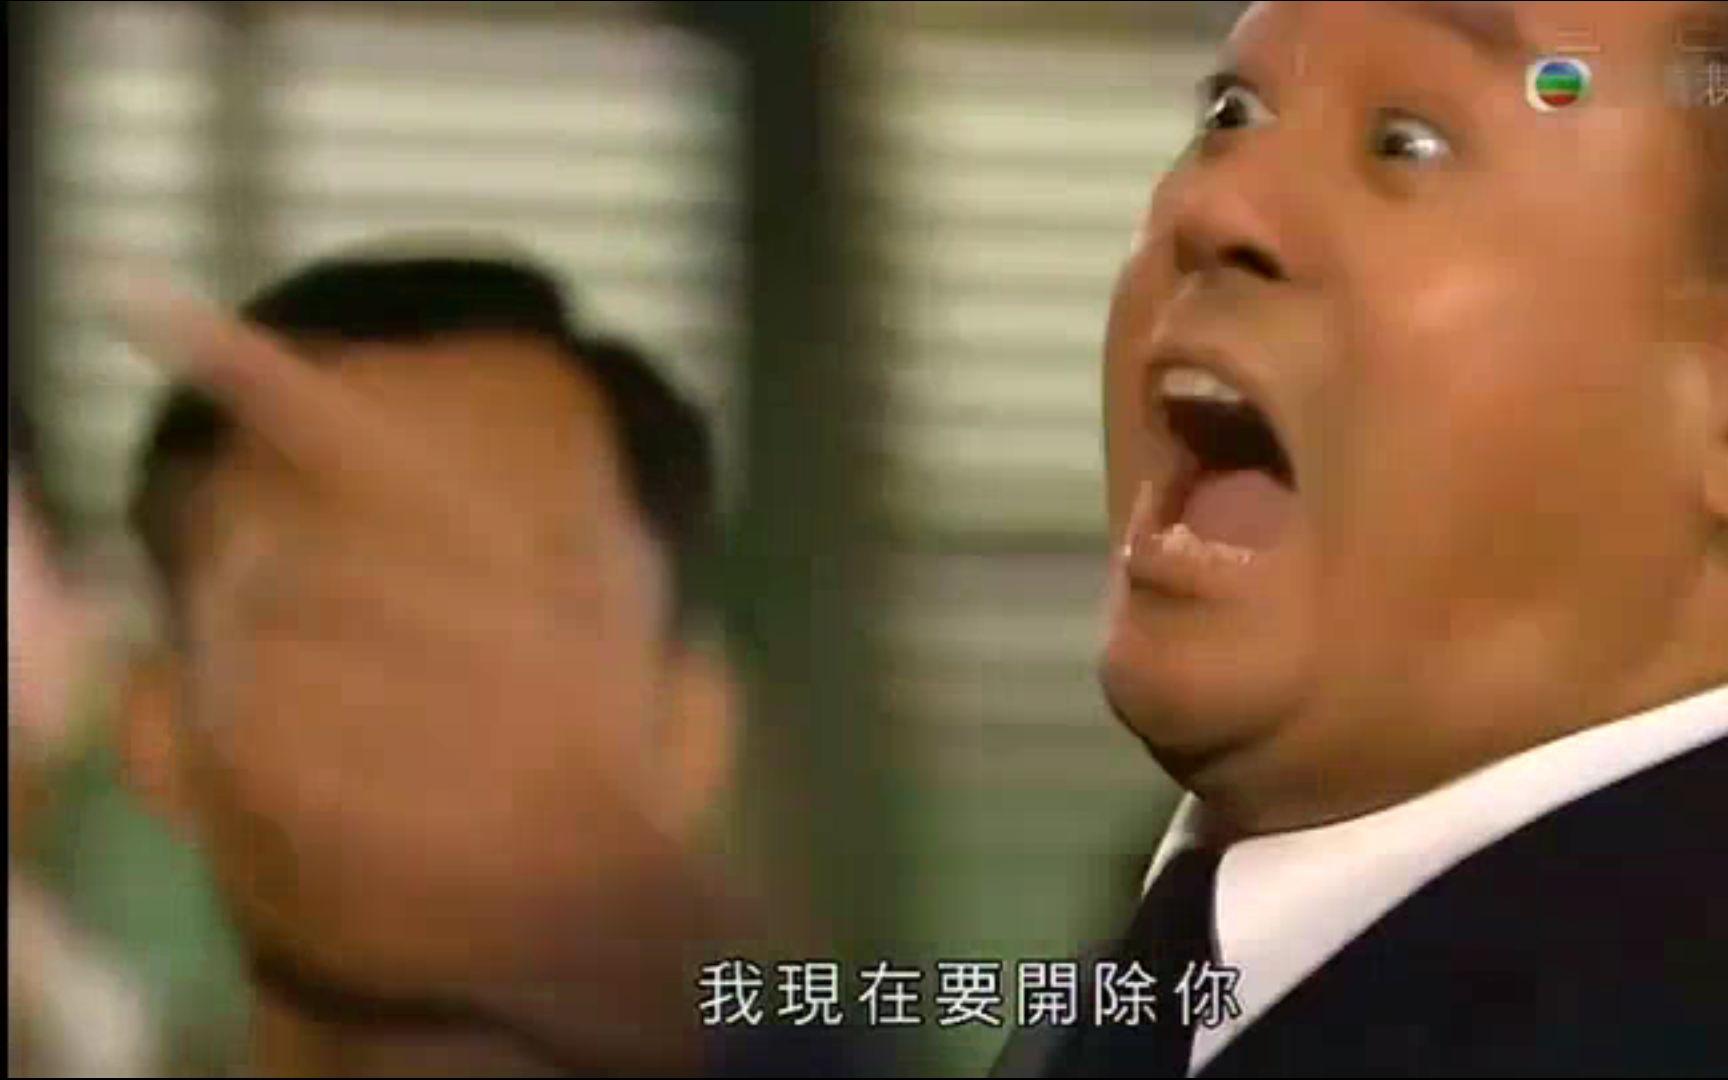 梁非凡_【高清原版】吃屎吧,梁非凡 / 吔屎啦,梁非凡